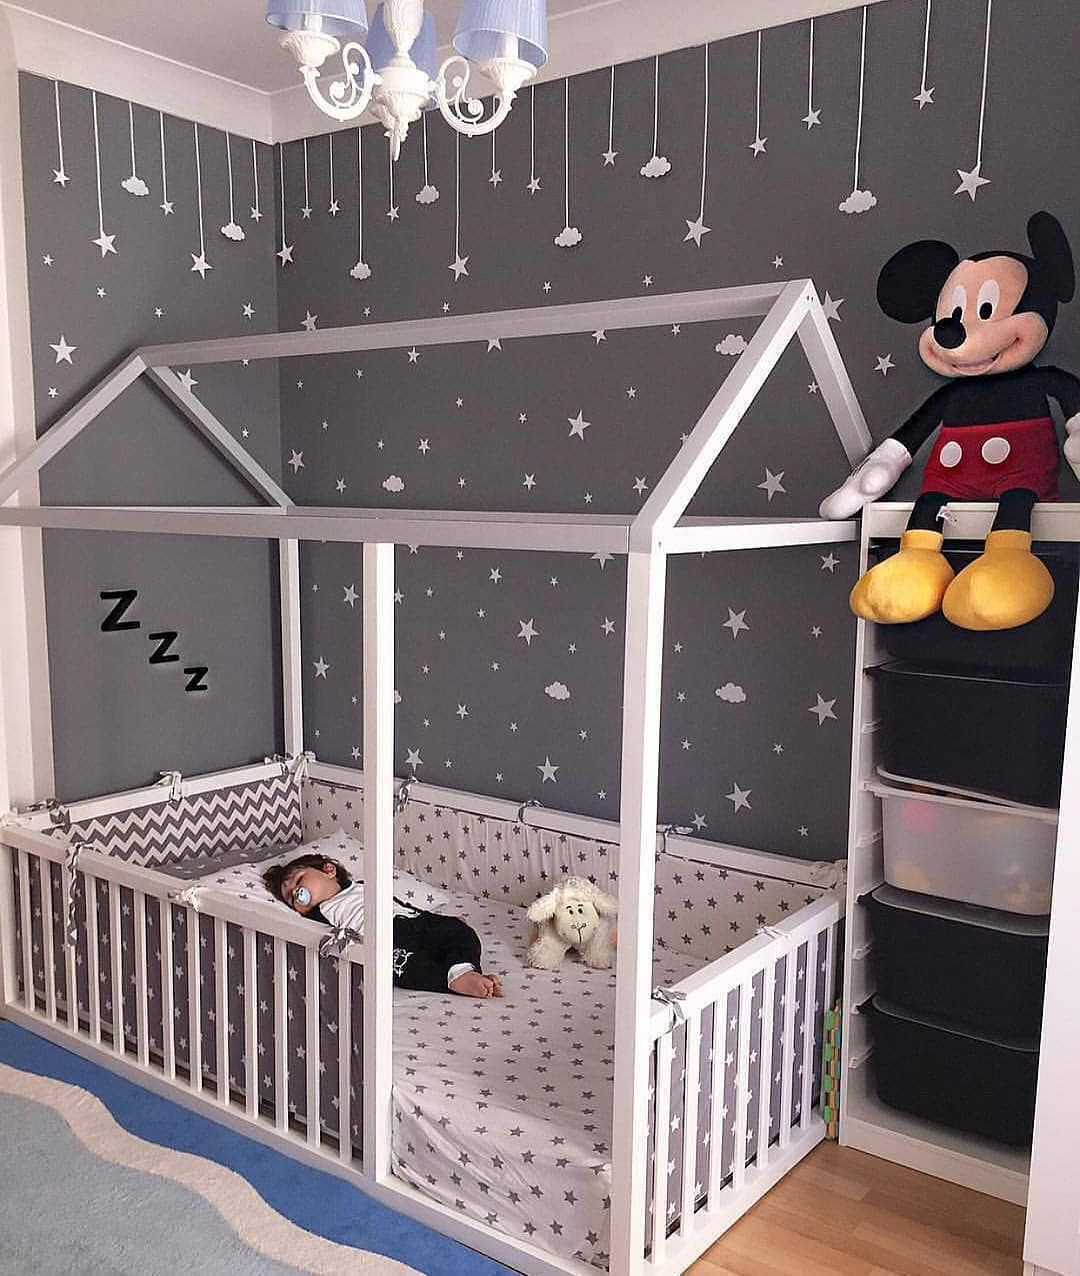 pin von nic ki auf baby pinterest. Black Bedroom Furniture Sets. Home Design Ideas